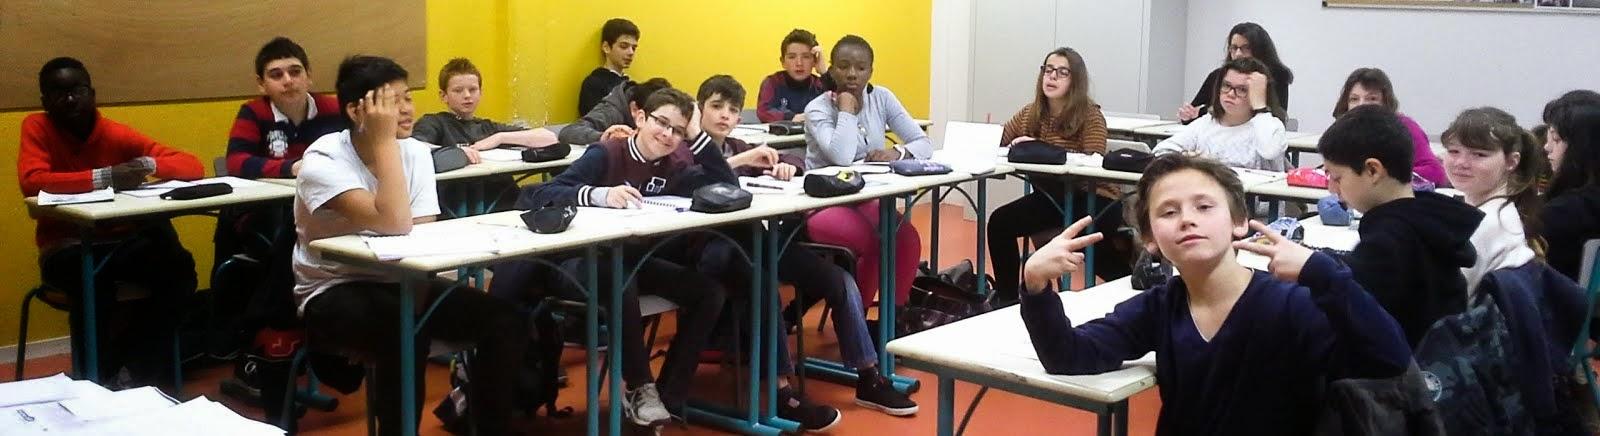 Collège Jean Zay-Cenon